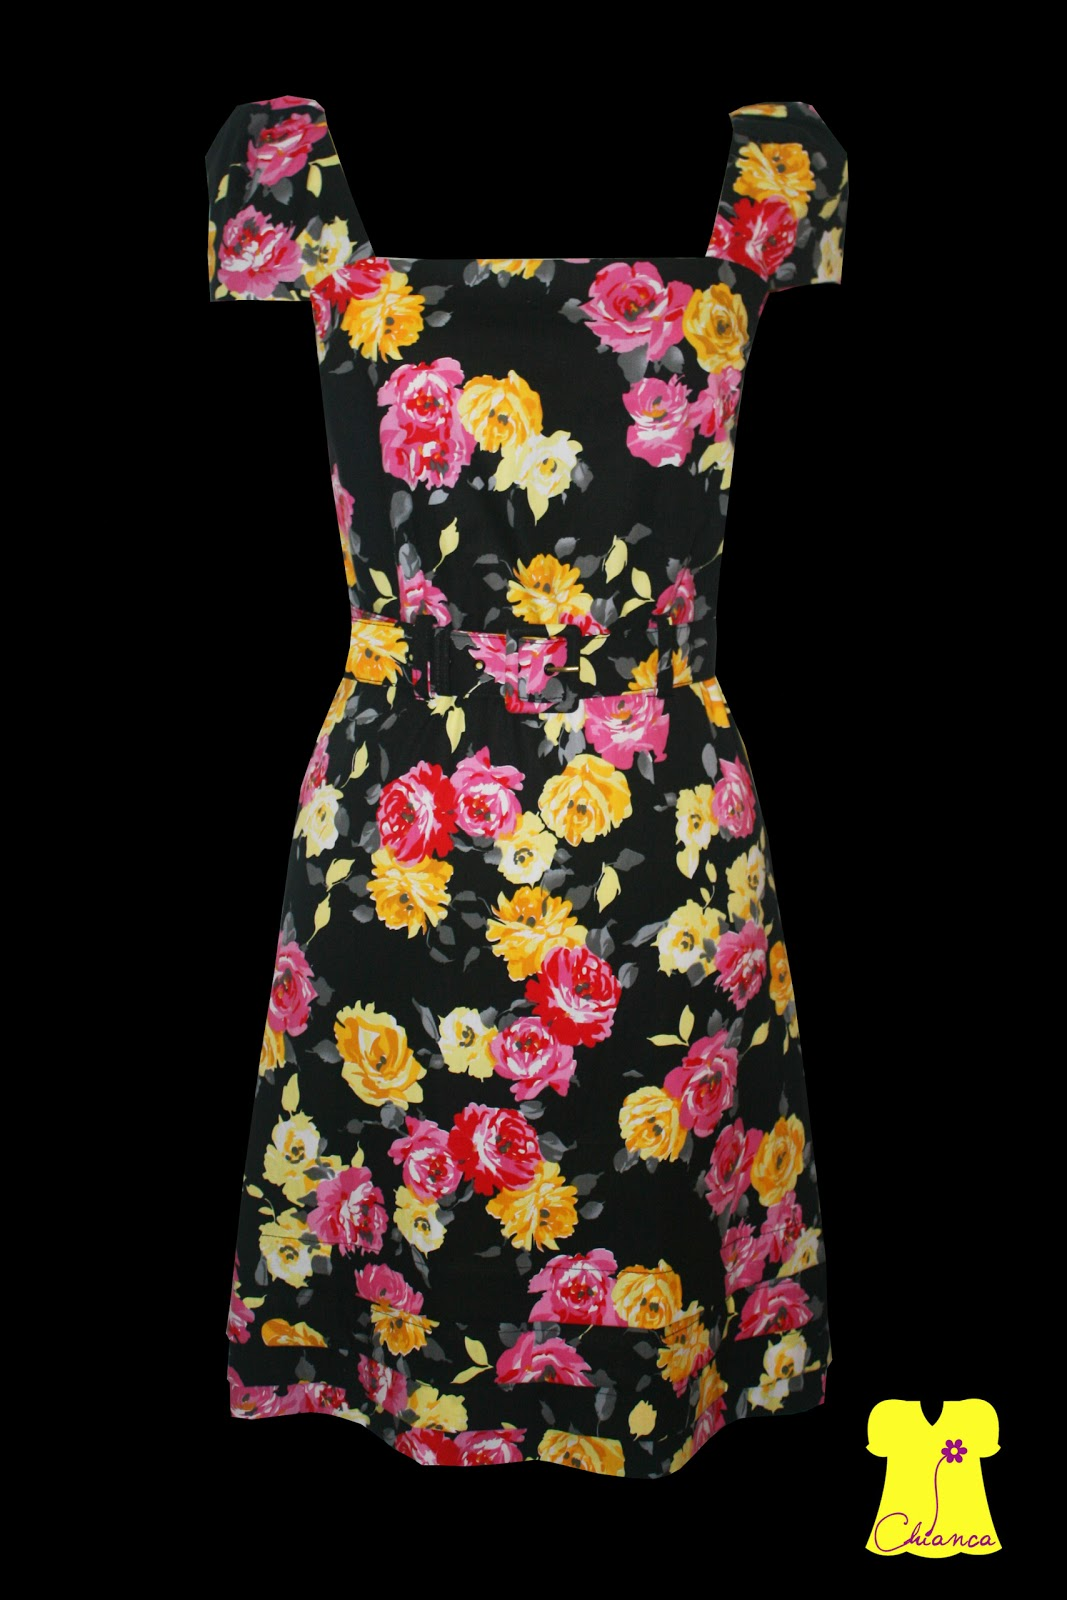 Chianca Atelier: Vestido Tulipa #BDA80E 1067x1600